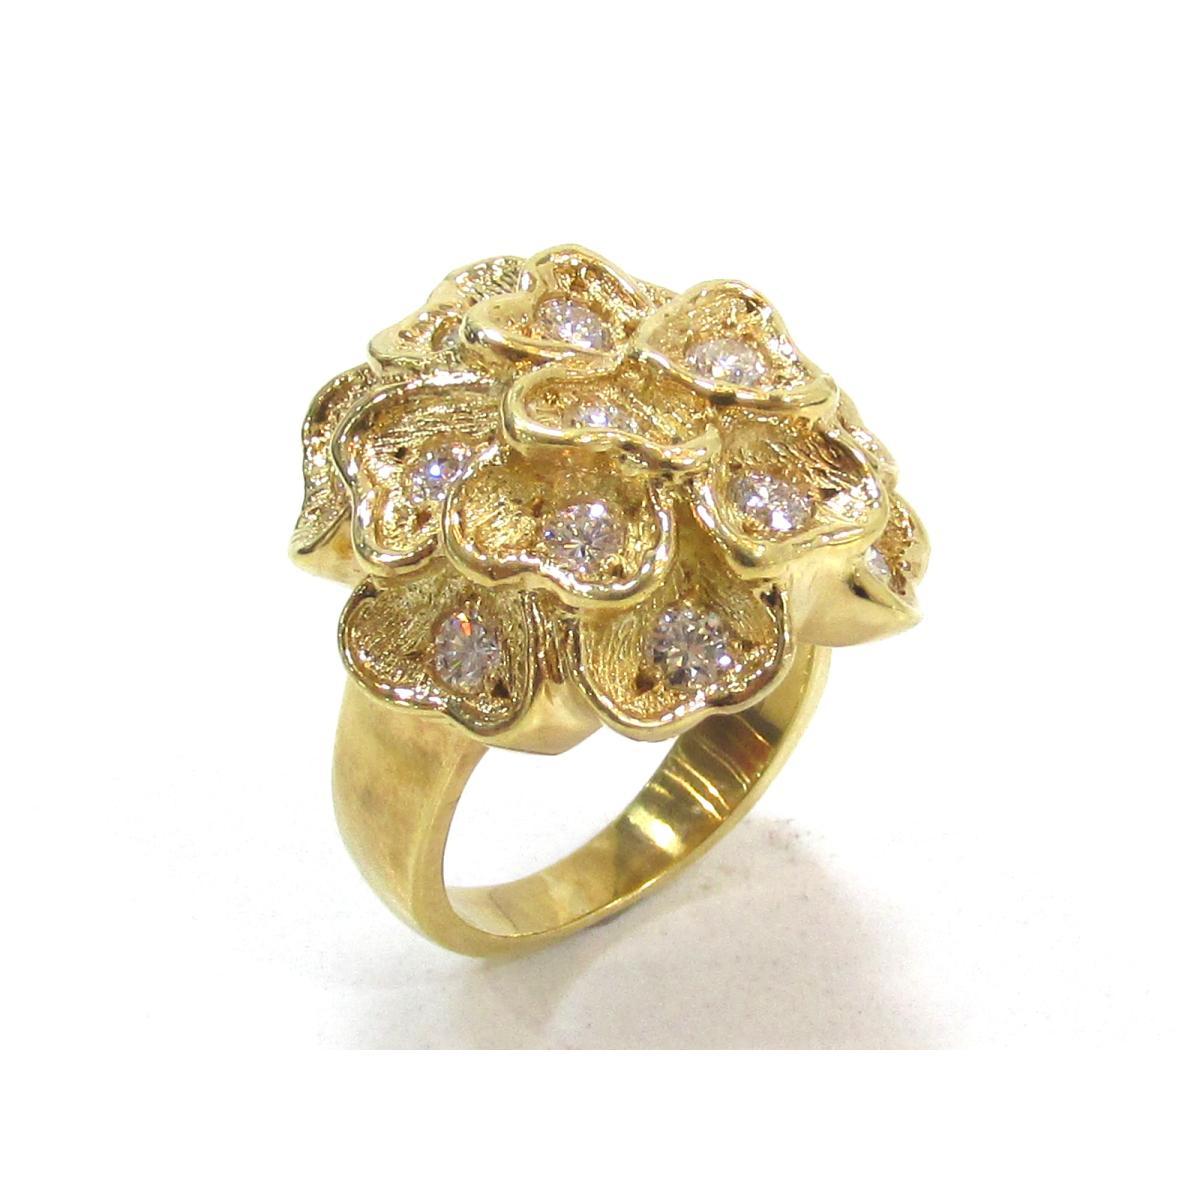 ジュエリー ダイヤモンドリング 指輪 メンズ レディース K18YG (750) イエローゴールド × ダイヤモンド1.17 【中古】 | JEWELRY BRANDOFF ブランドオフ アクセサリー リング